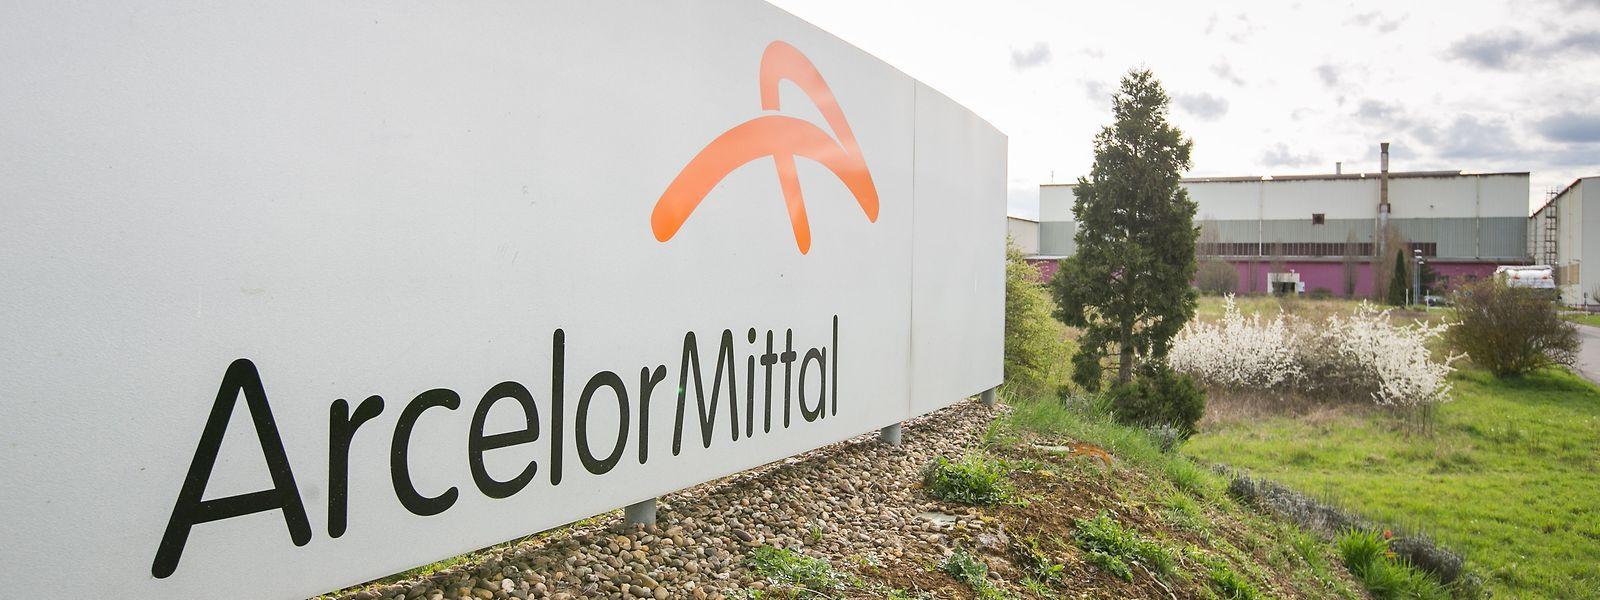 ArcelorMittal stellt im Zusammenhang mit dem Kauf des italienischen Stahlwerks Ilva auch den Standort Düdelingen zur Disposition.